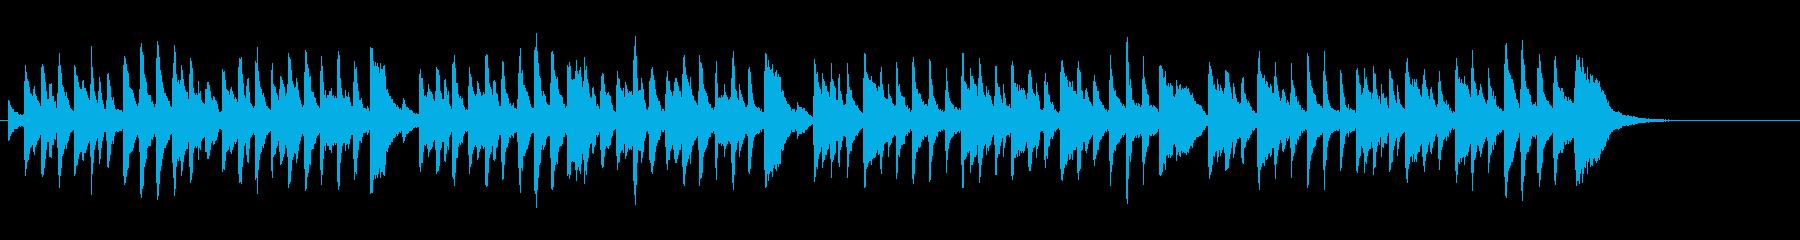 グラーツのワルツ第7番(シューベルト)の再生済みの波形